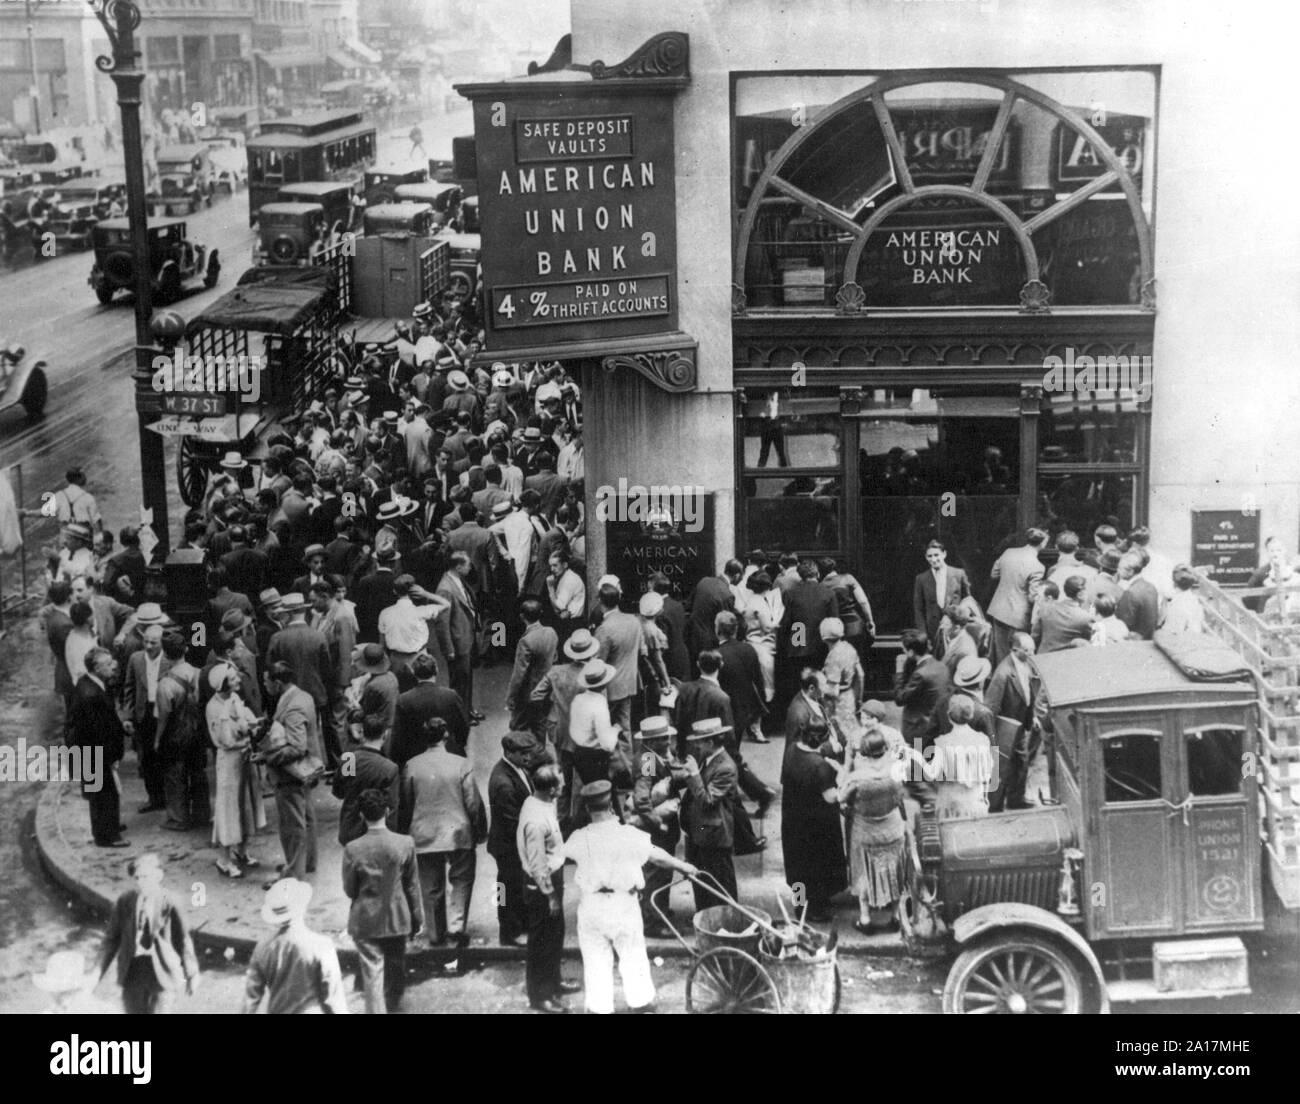 Masse an der New Yorker American Union Bank bei einem Bank Run früh in der Großen Depression, der Crash an der Wall Street von 1929, auch als te Börsencrash 1929 oder den großen Crash bekannt, war ein großer Börsenkrach, dass Ende Oktober 1929 aufgetreten. Stockfoto